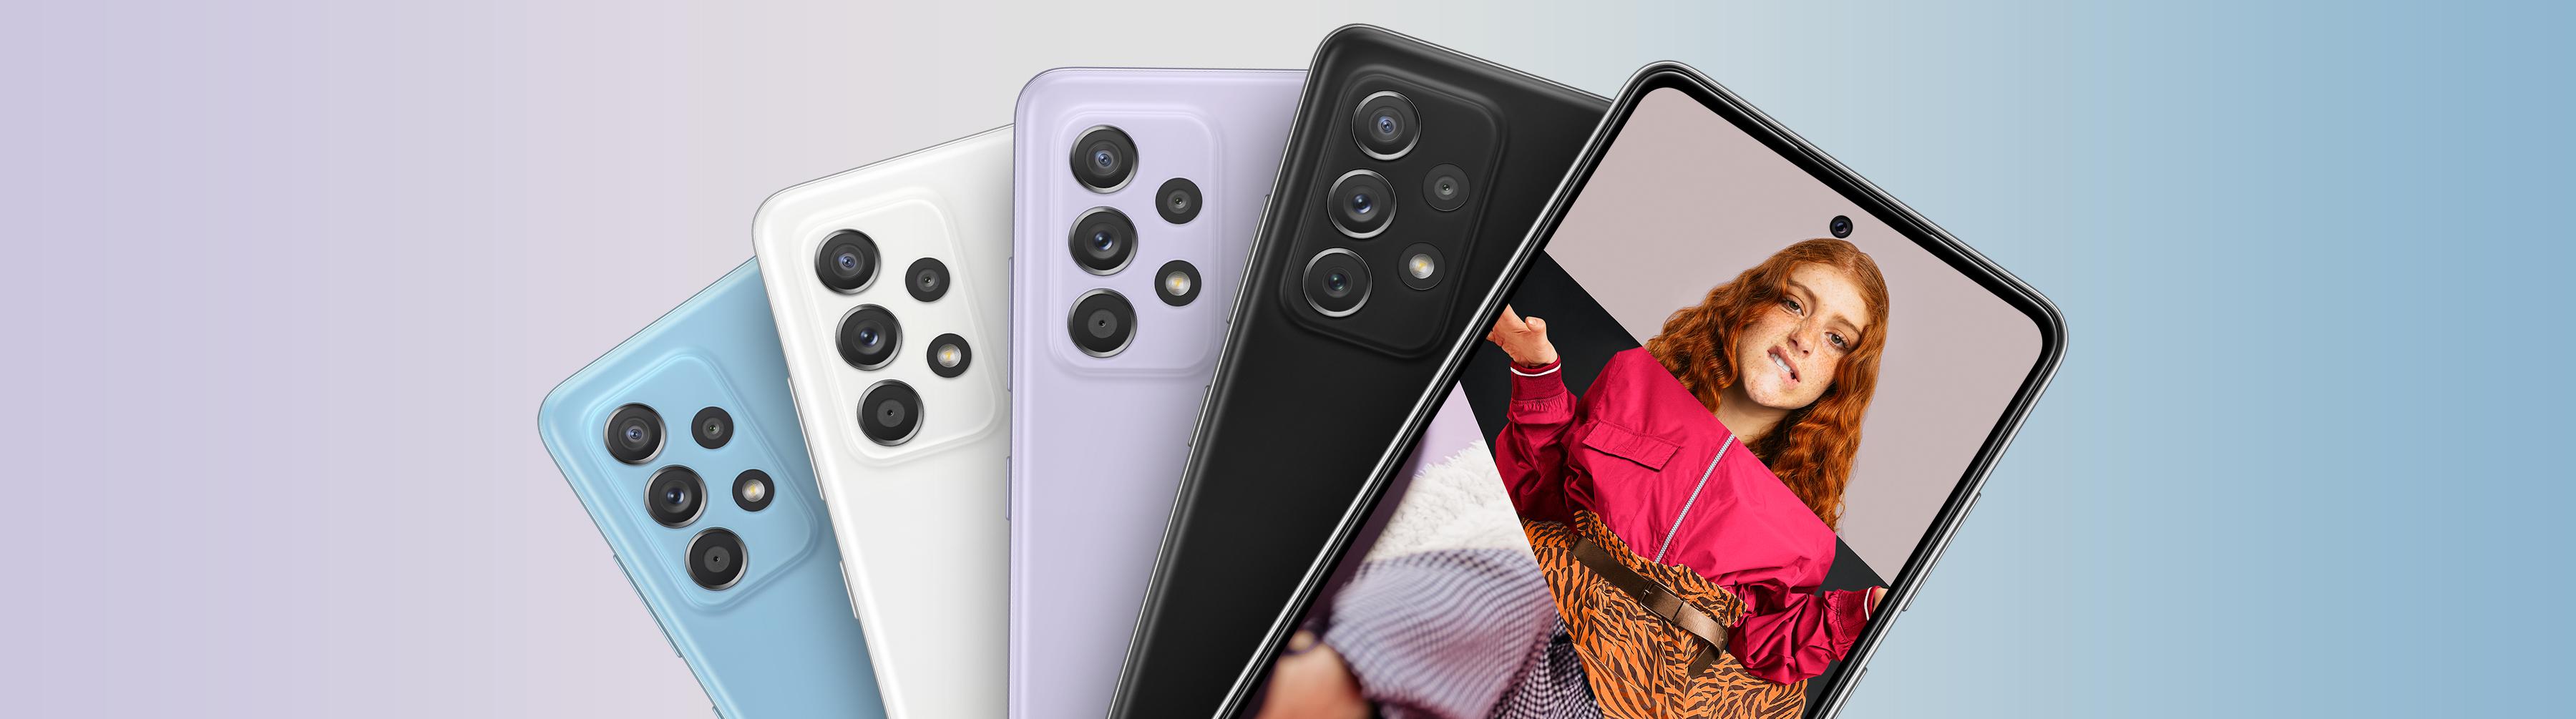 Test der Samsung Galaxy A52 & A72 Mittelklasse-Handys